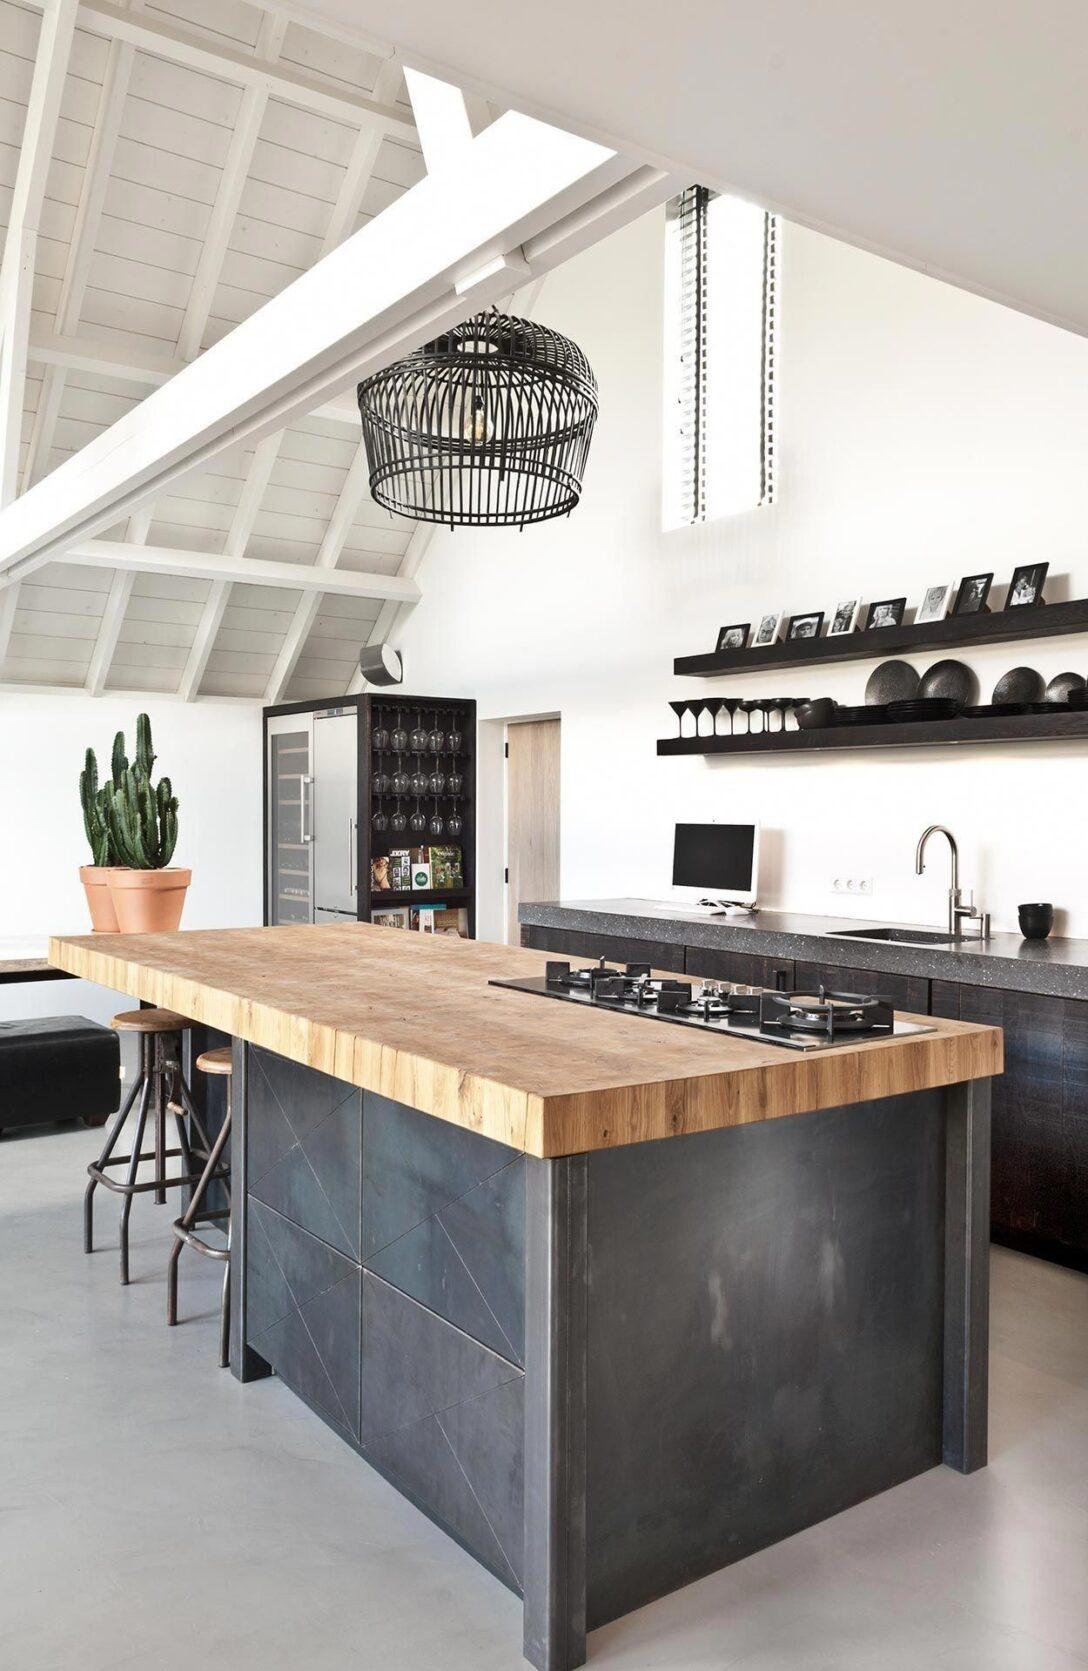 Large Size of Cocoon Küchen Cokitchen Design Bycocooncom Kitchen Inspiration Regal Wohnzimmer Cocoon Küchen